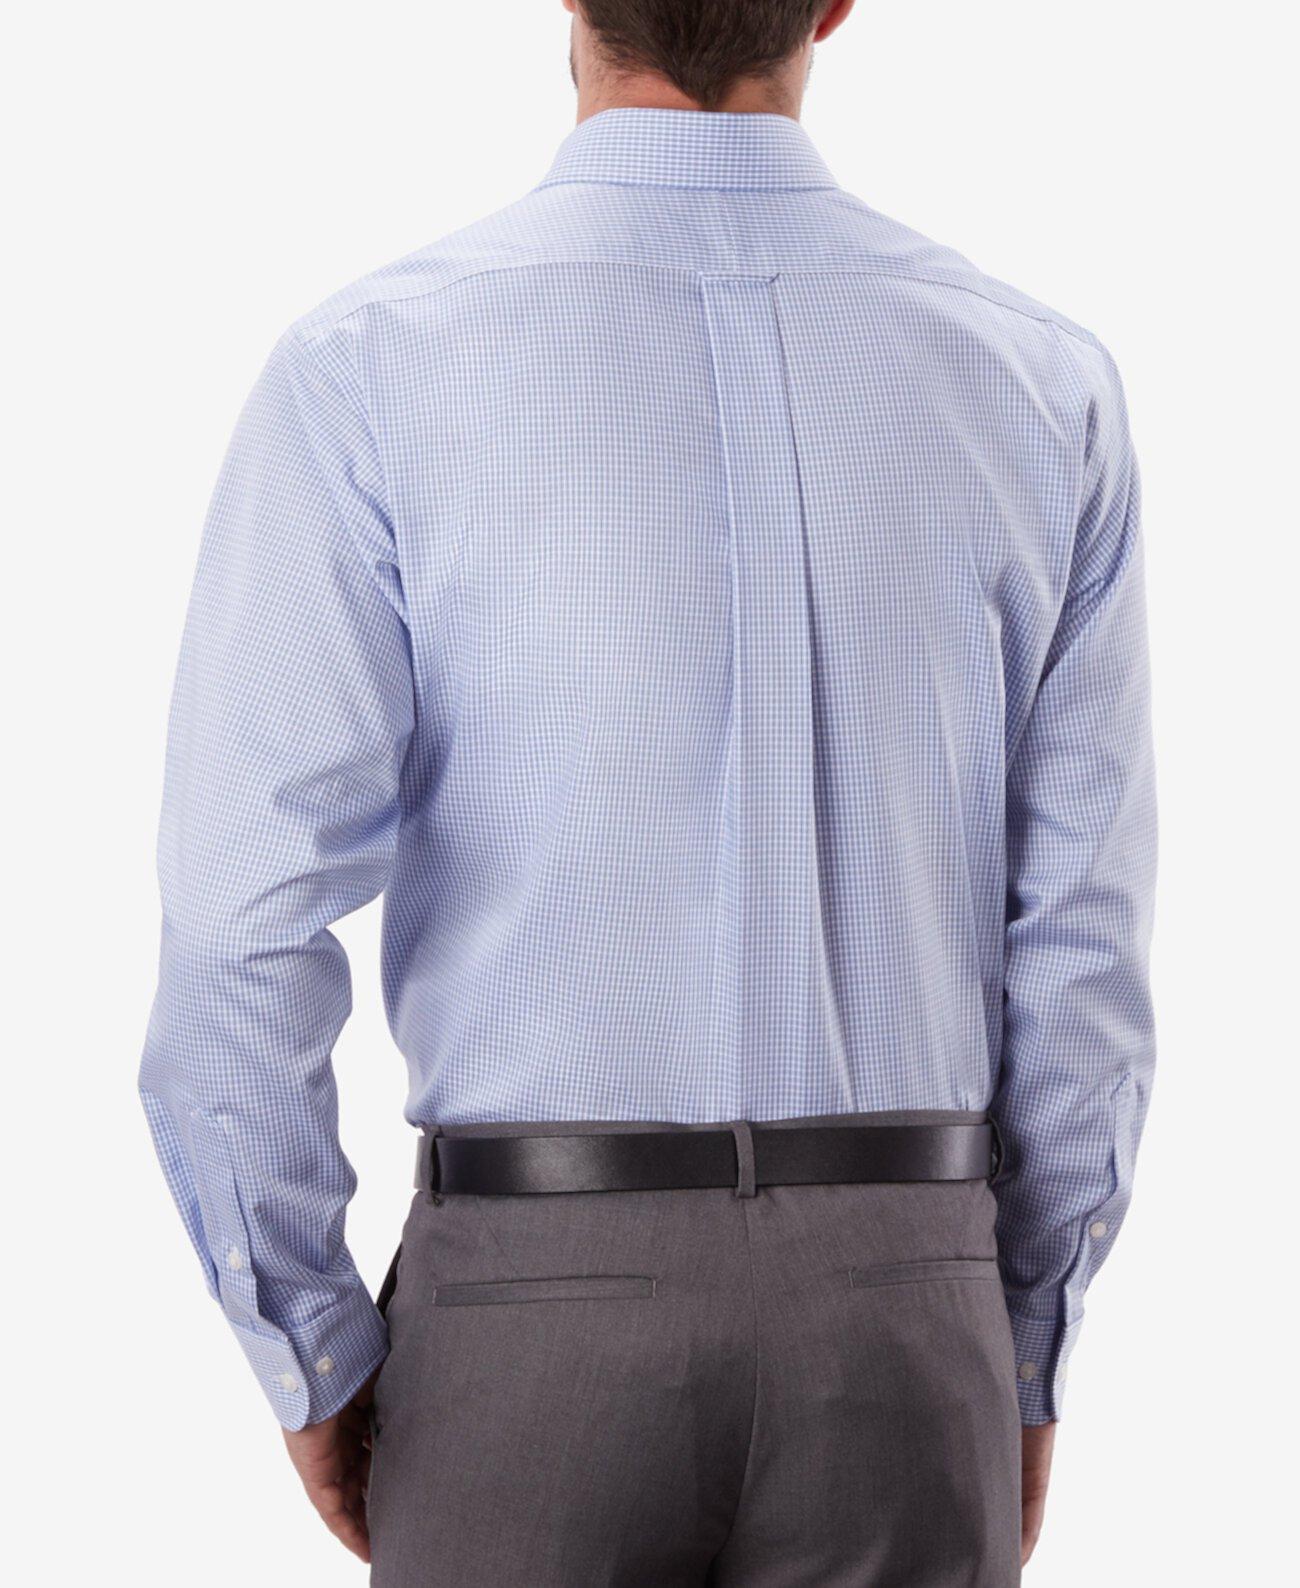 Классический мужской эластичный воротник без железной синей клетчатой рубашки в клетку Eagle